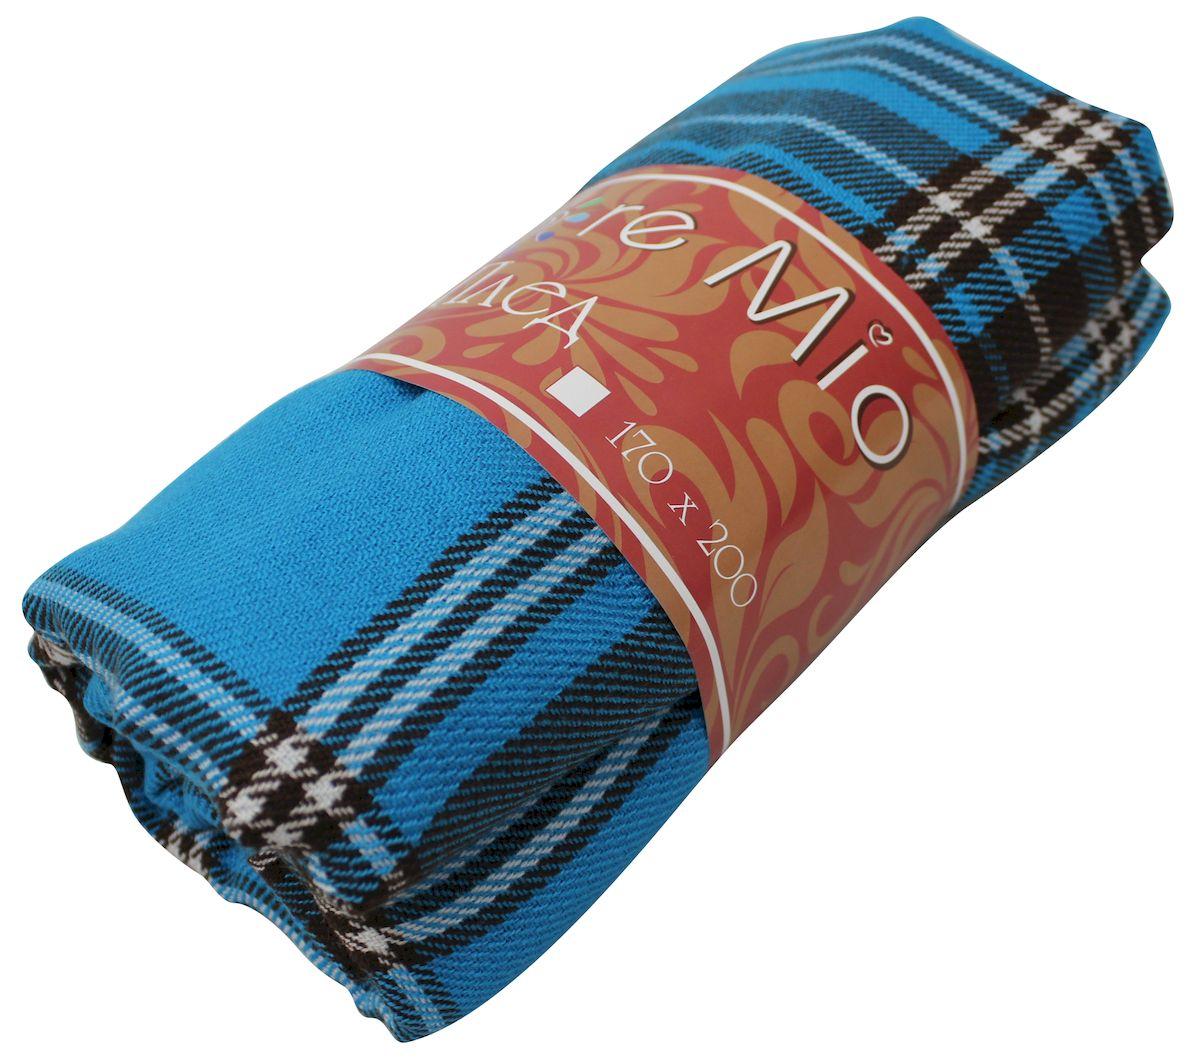 Плед Amore Mio Azure, 150х200 см78889Пледы Scotland Amore Mio – Комфорт и Уют - Каждый день! Amore Mio-Разнообразие ярких и современных дизайнов прослужат не один год и всегда будут радовать Вас и Ваших близких сочностью красок и красивым рисунком. Пледы Amore Mio подарят Вам нежность жаркими летними ночами, теплоту и комфорт прохладными зимними вечерами. Пледы Scotland Amore Mio - легкое, универсальное тканое изделие, с кистями. Пряжей для выработки послужил 100% Акрил. Не зря в народе за акрилом закрепилось имя искусственной шерсти. Потому что акриловое волокно великолепно удерживает тепло, оно практично и долговечно. Еще одно преимущество - в цене, так как по факту акрил значительно дешевле натуральной шерсти.